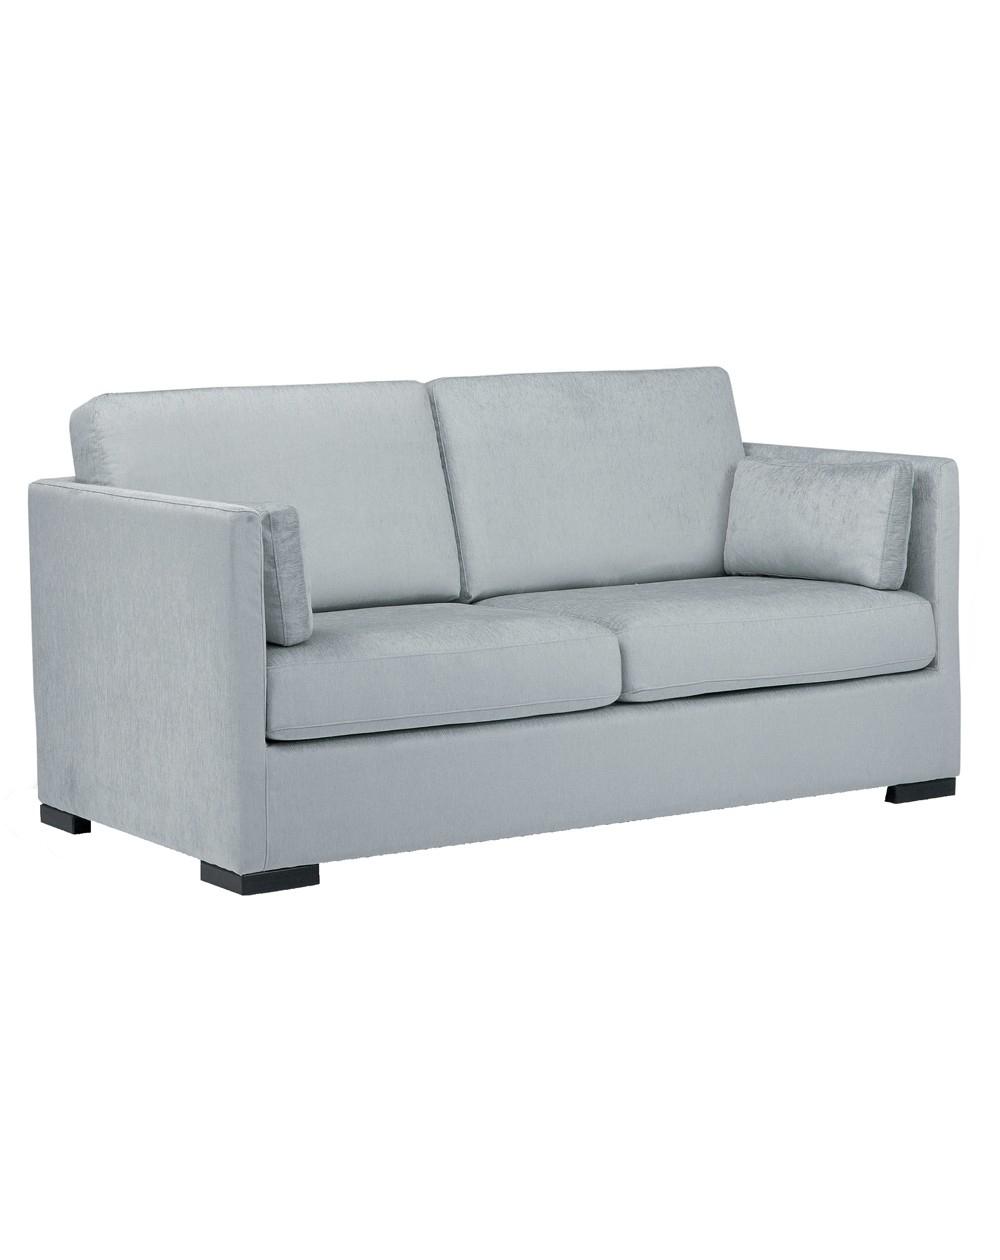 Petit Canapé Convertible Tous Couchages En Tissu Lavable Déhoussable  Arcachon tout Canape Convertible Tres Confortable